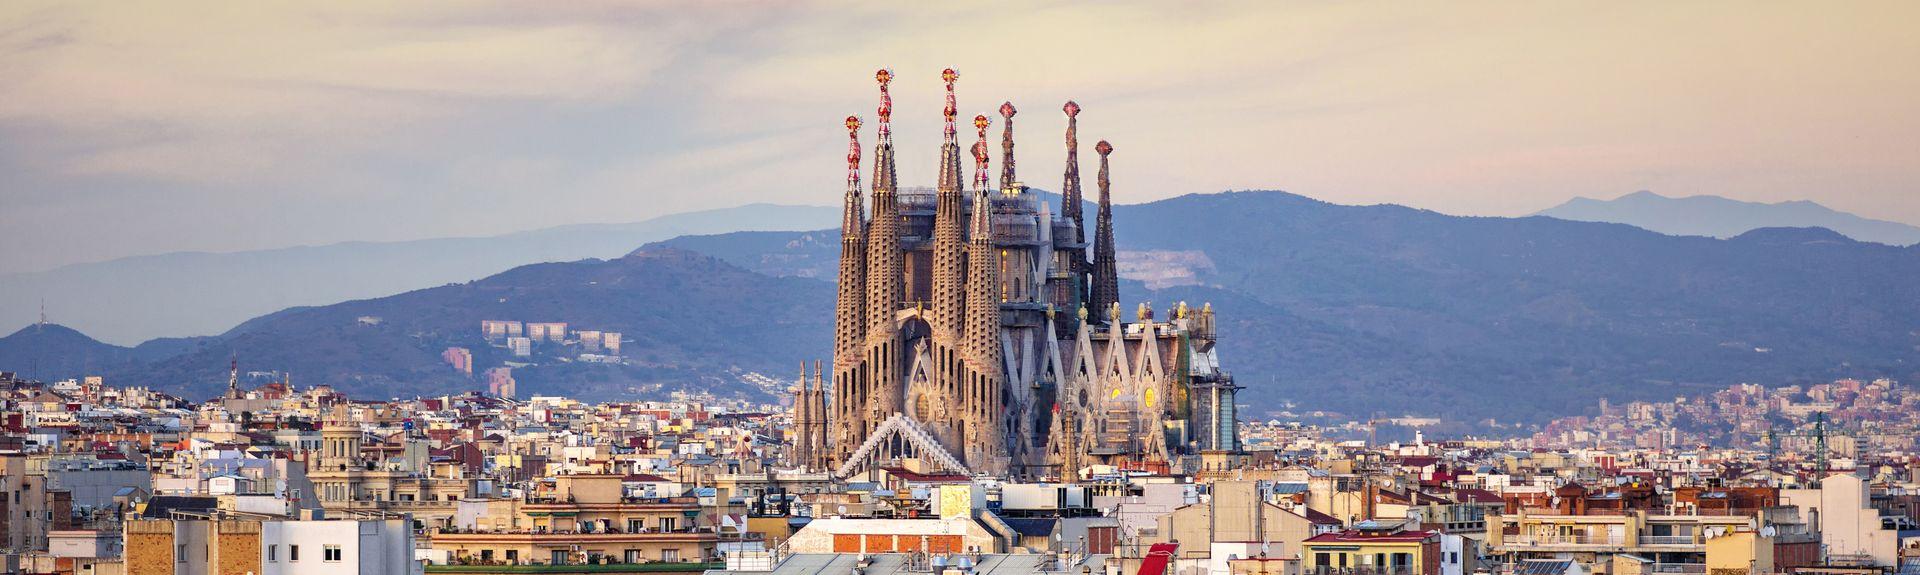 Barcelona, Cataluña, España